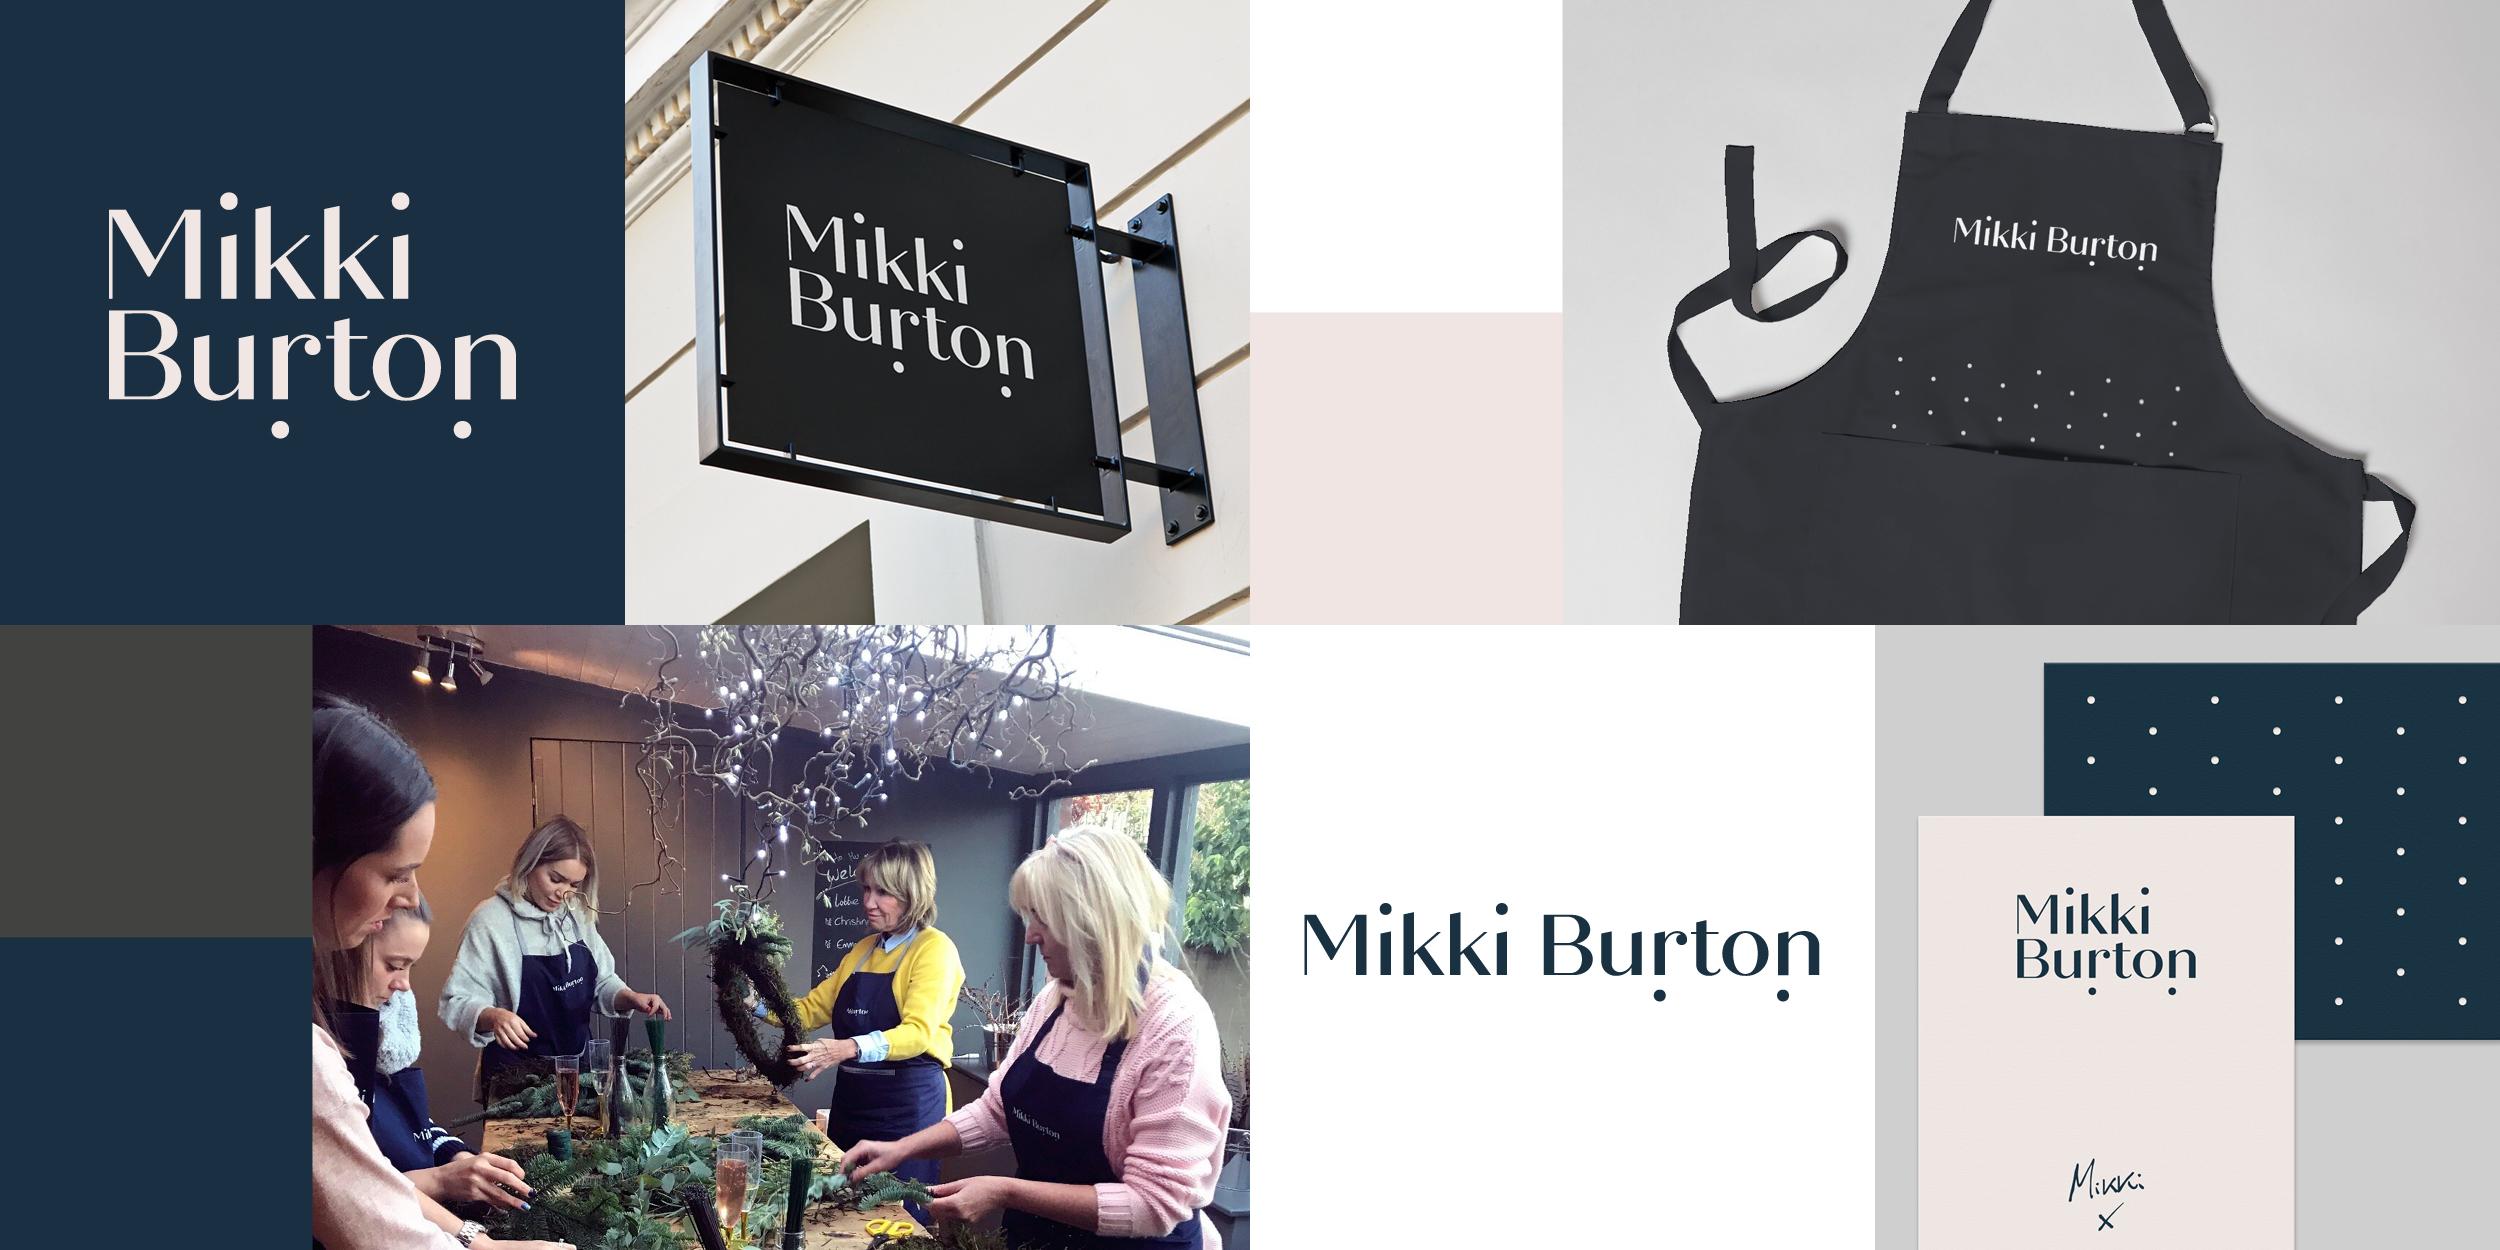 Mikki Burton branding by Ben Clark Design